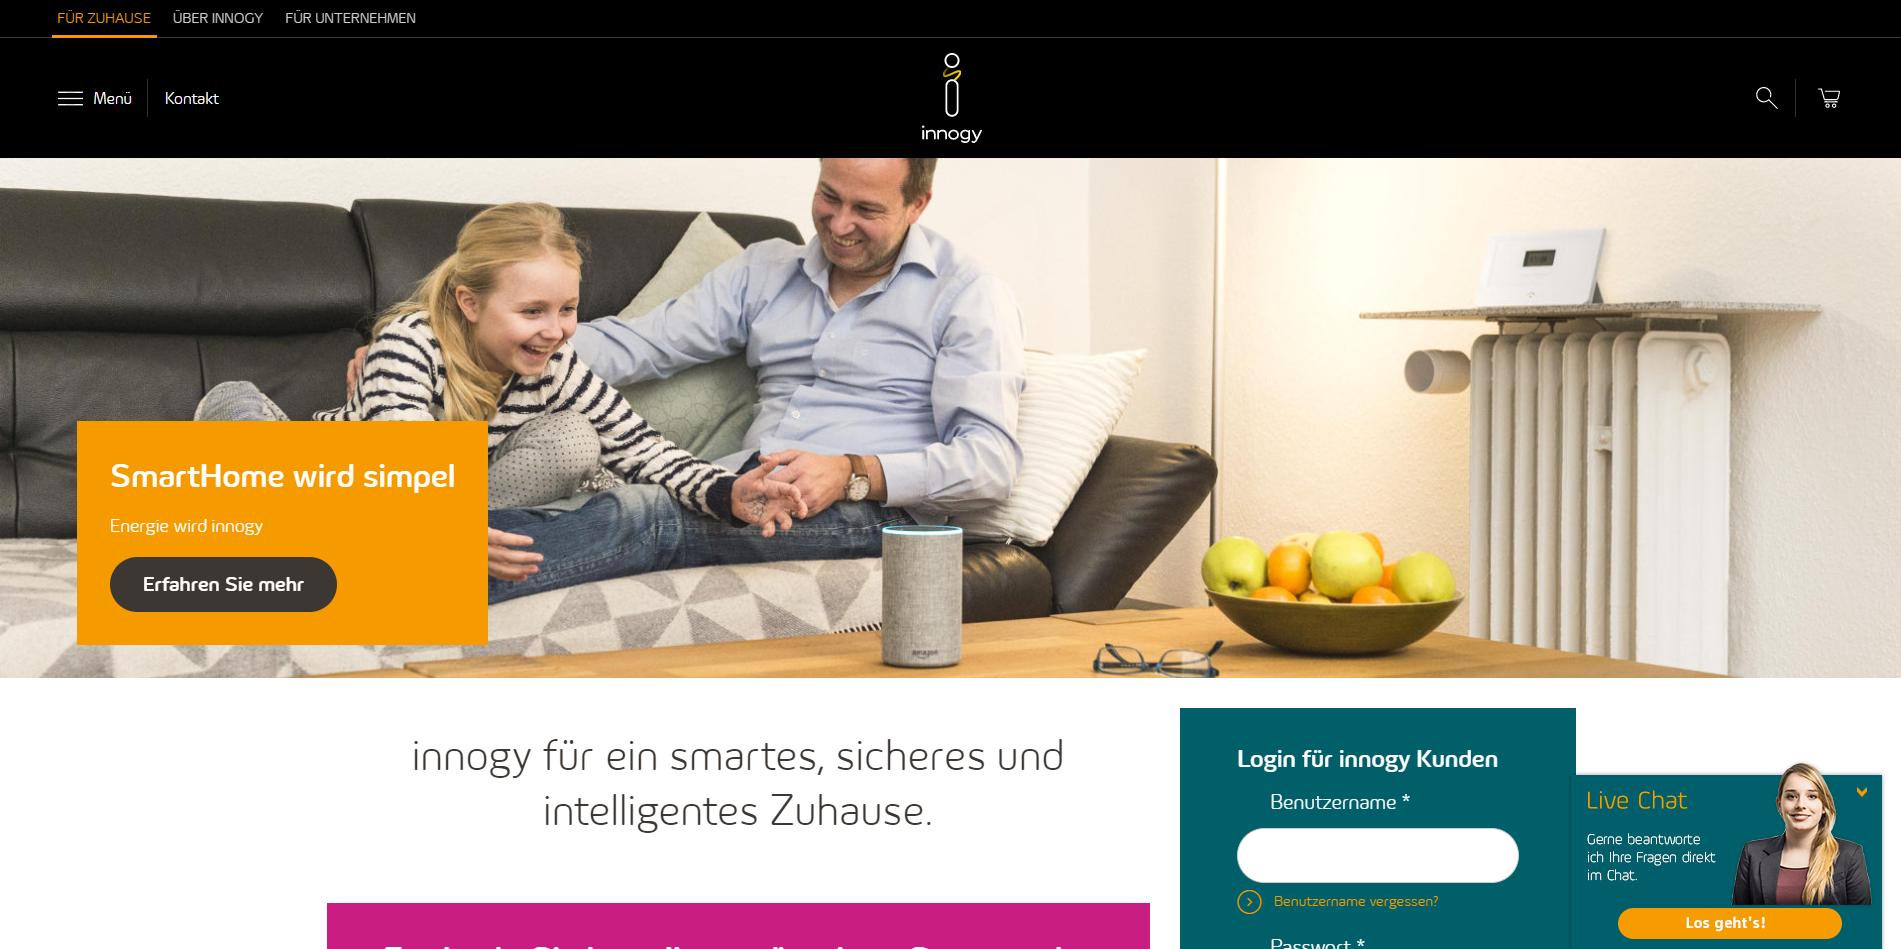 alternativen zu innogy smart home die besten innogy. Black Bedroom Furniture Sets. Home Design Ideas